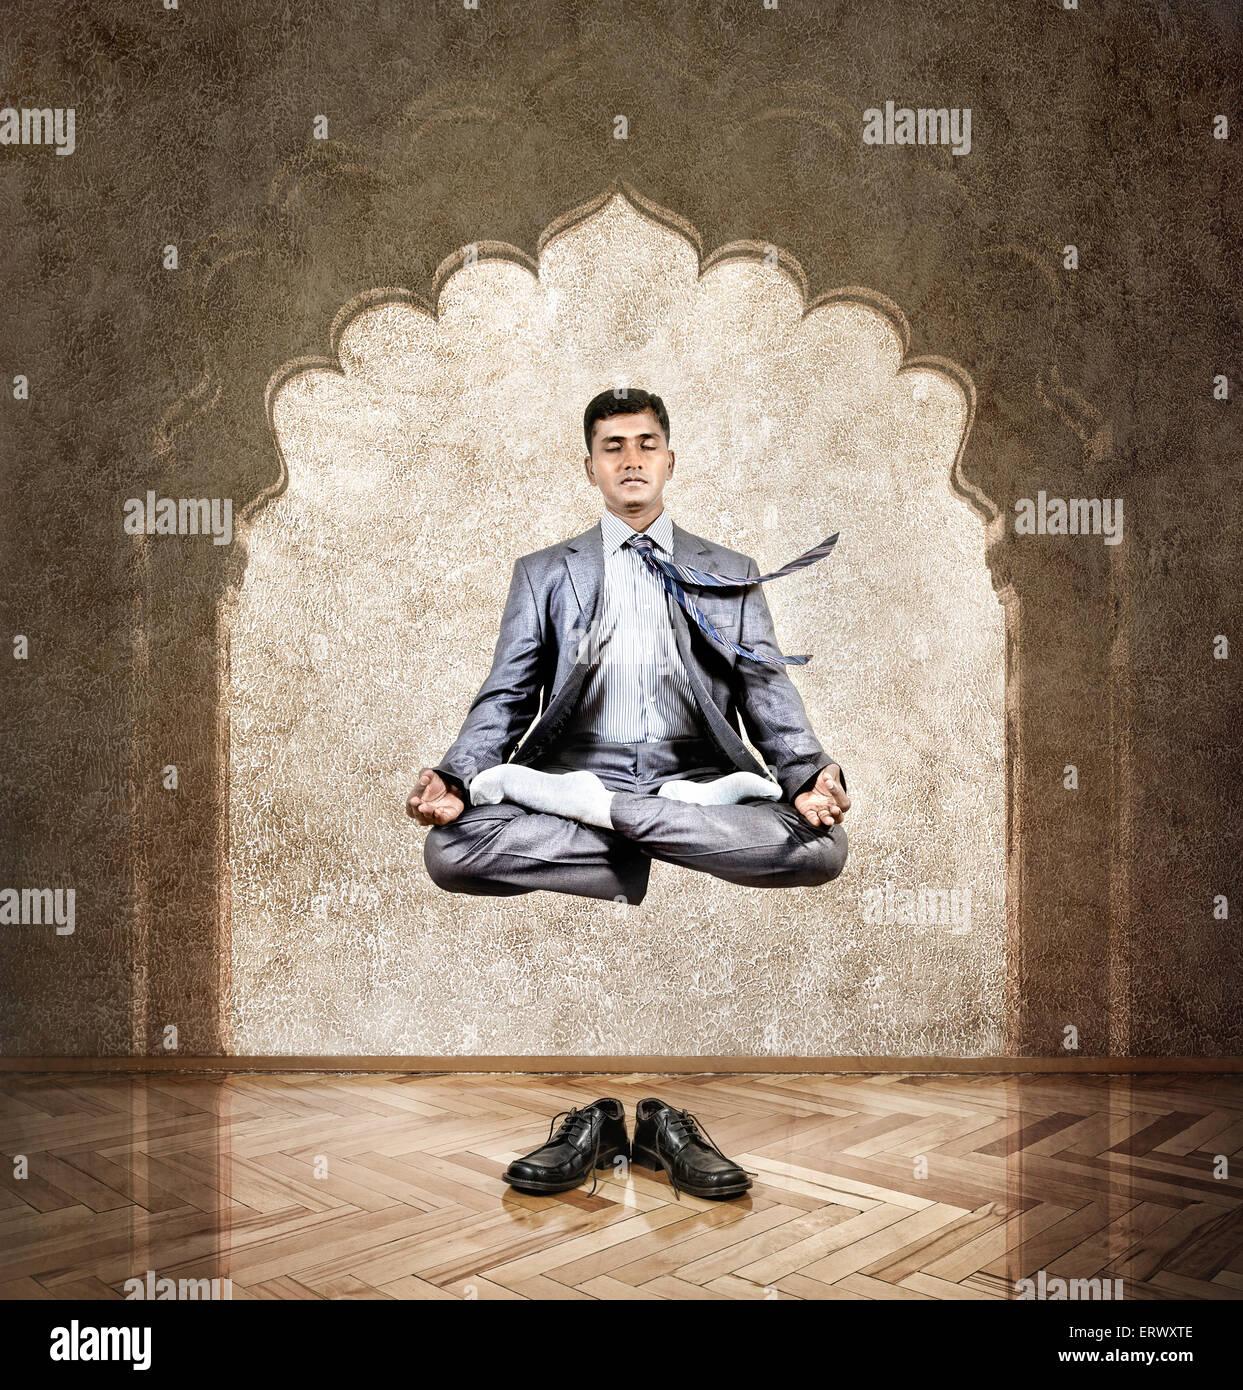 Commerciante indiano di fare meditazione in aria in lotus pongono in ufficio con arco sulla parete Foto Stock